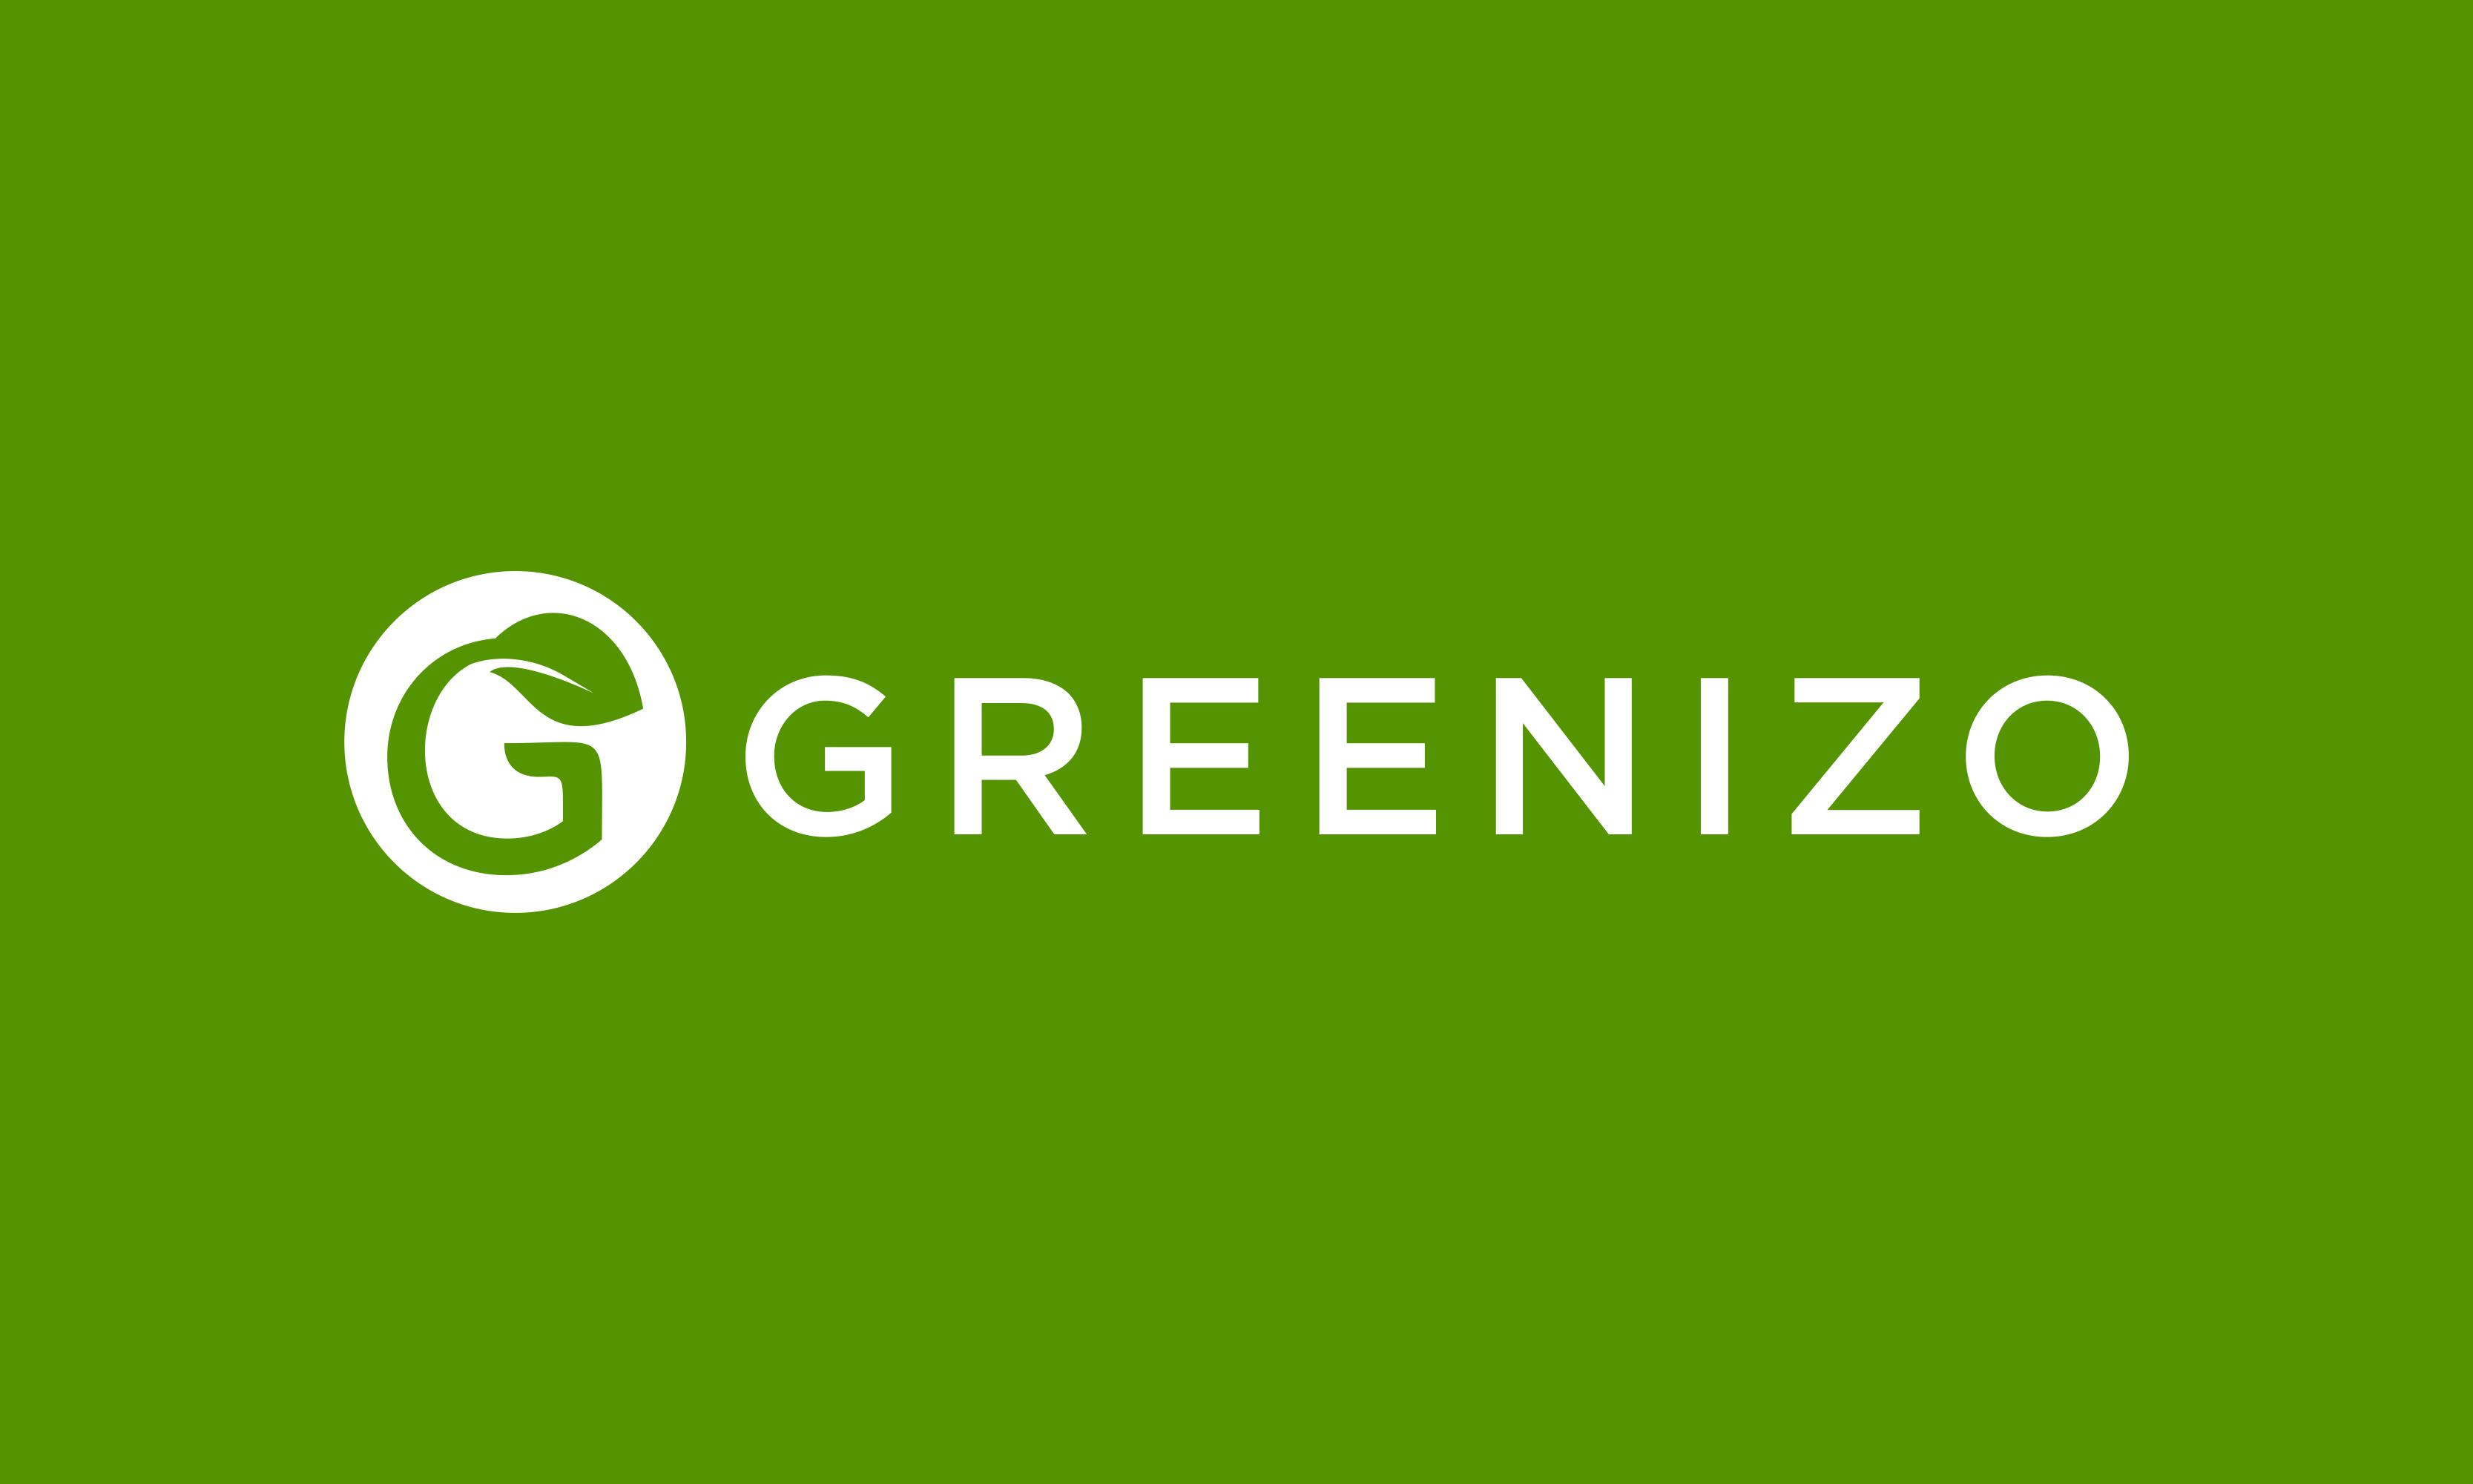 Greenizo